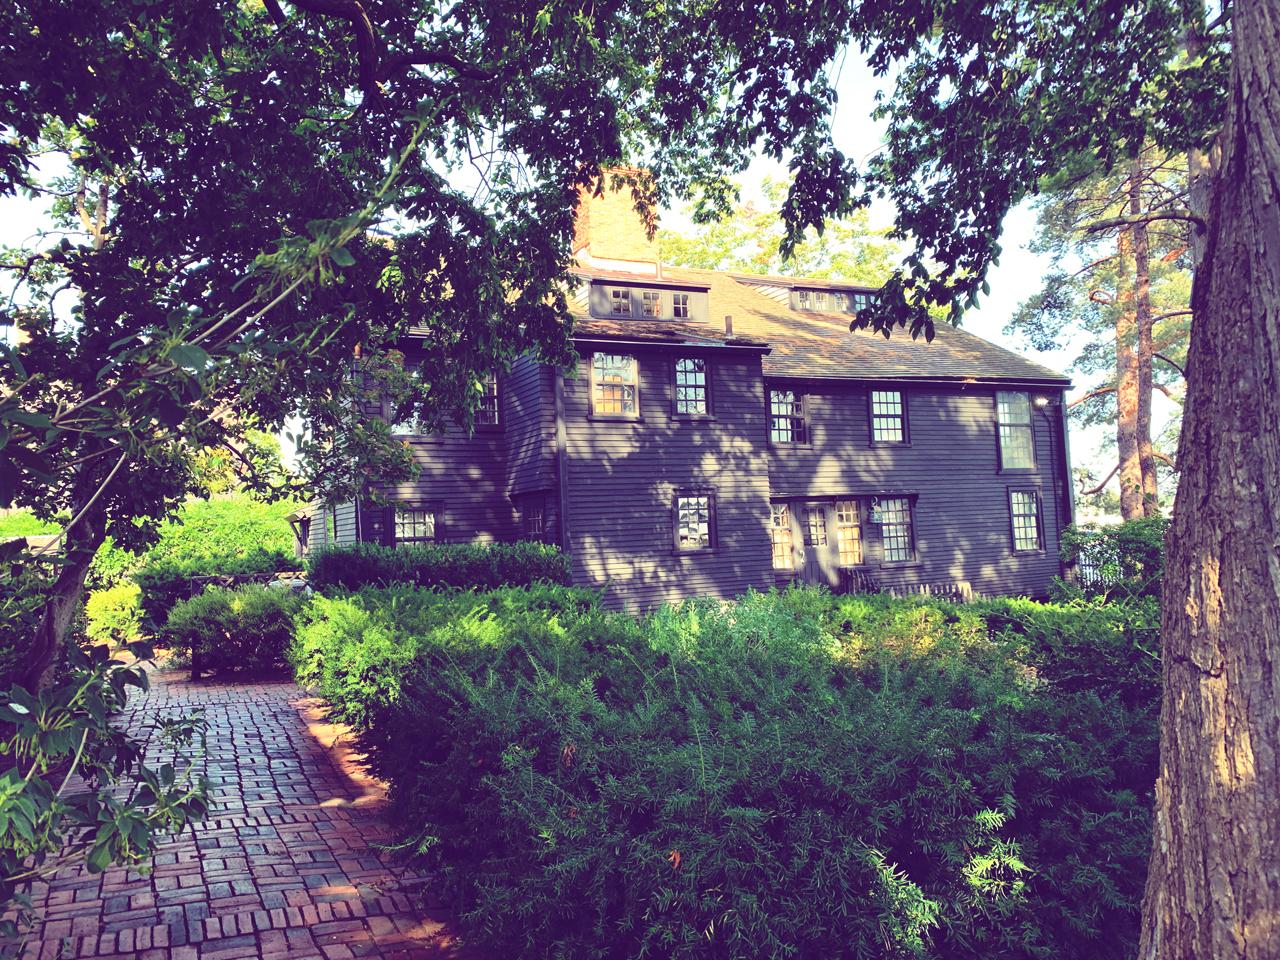 house-of-the-seven-gables-salem-massachusetts-1280x960-05